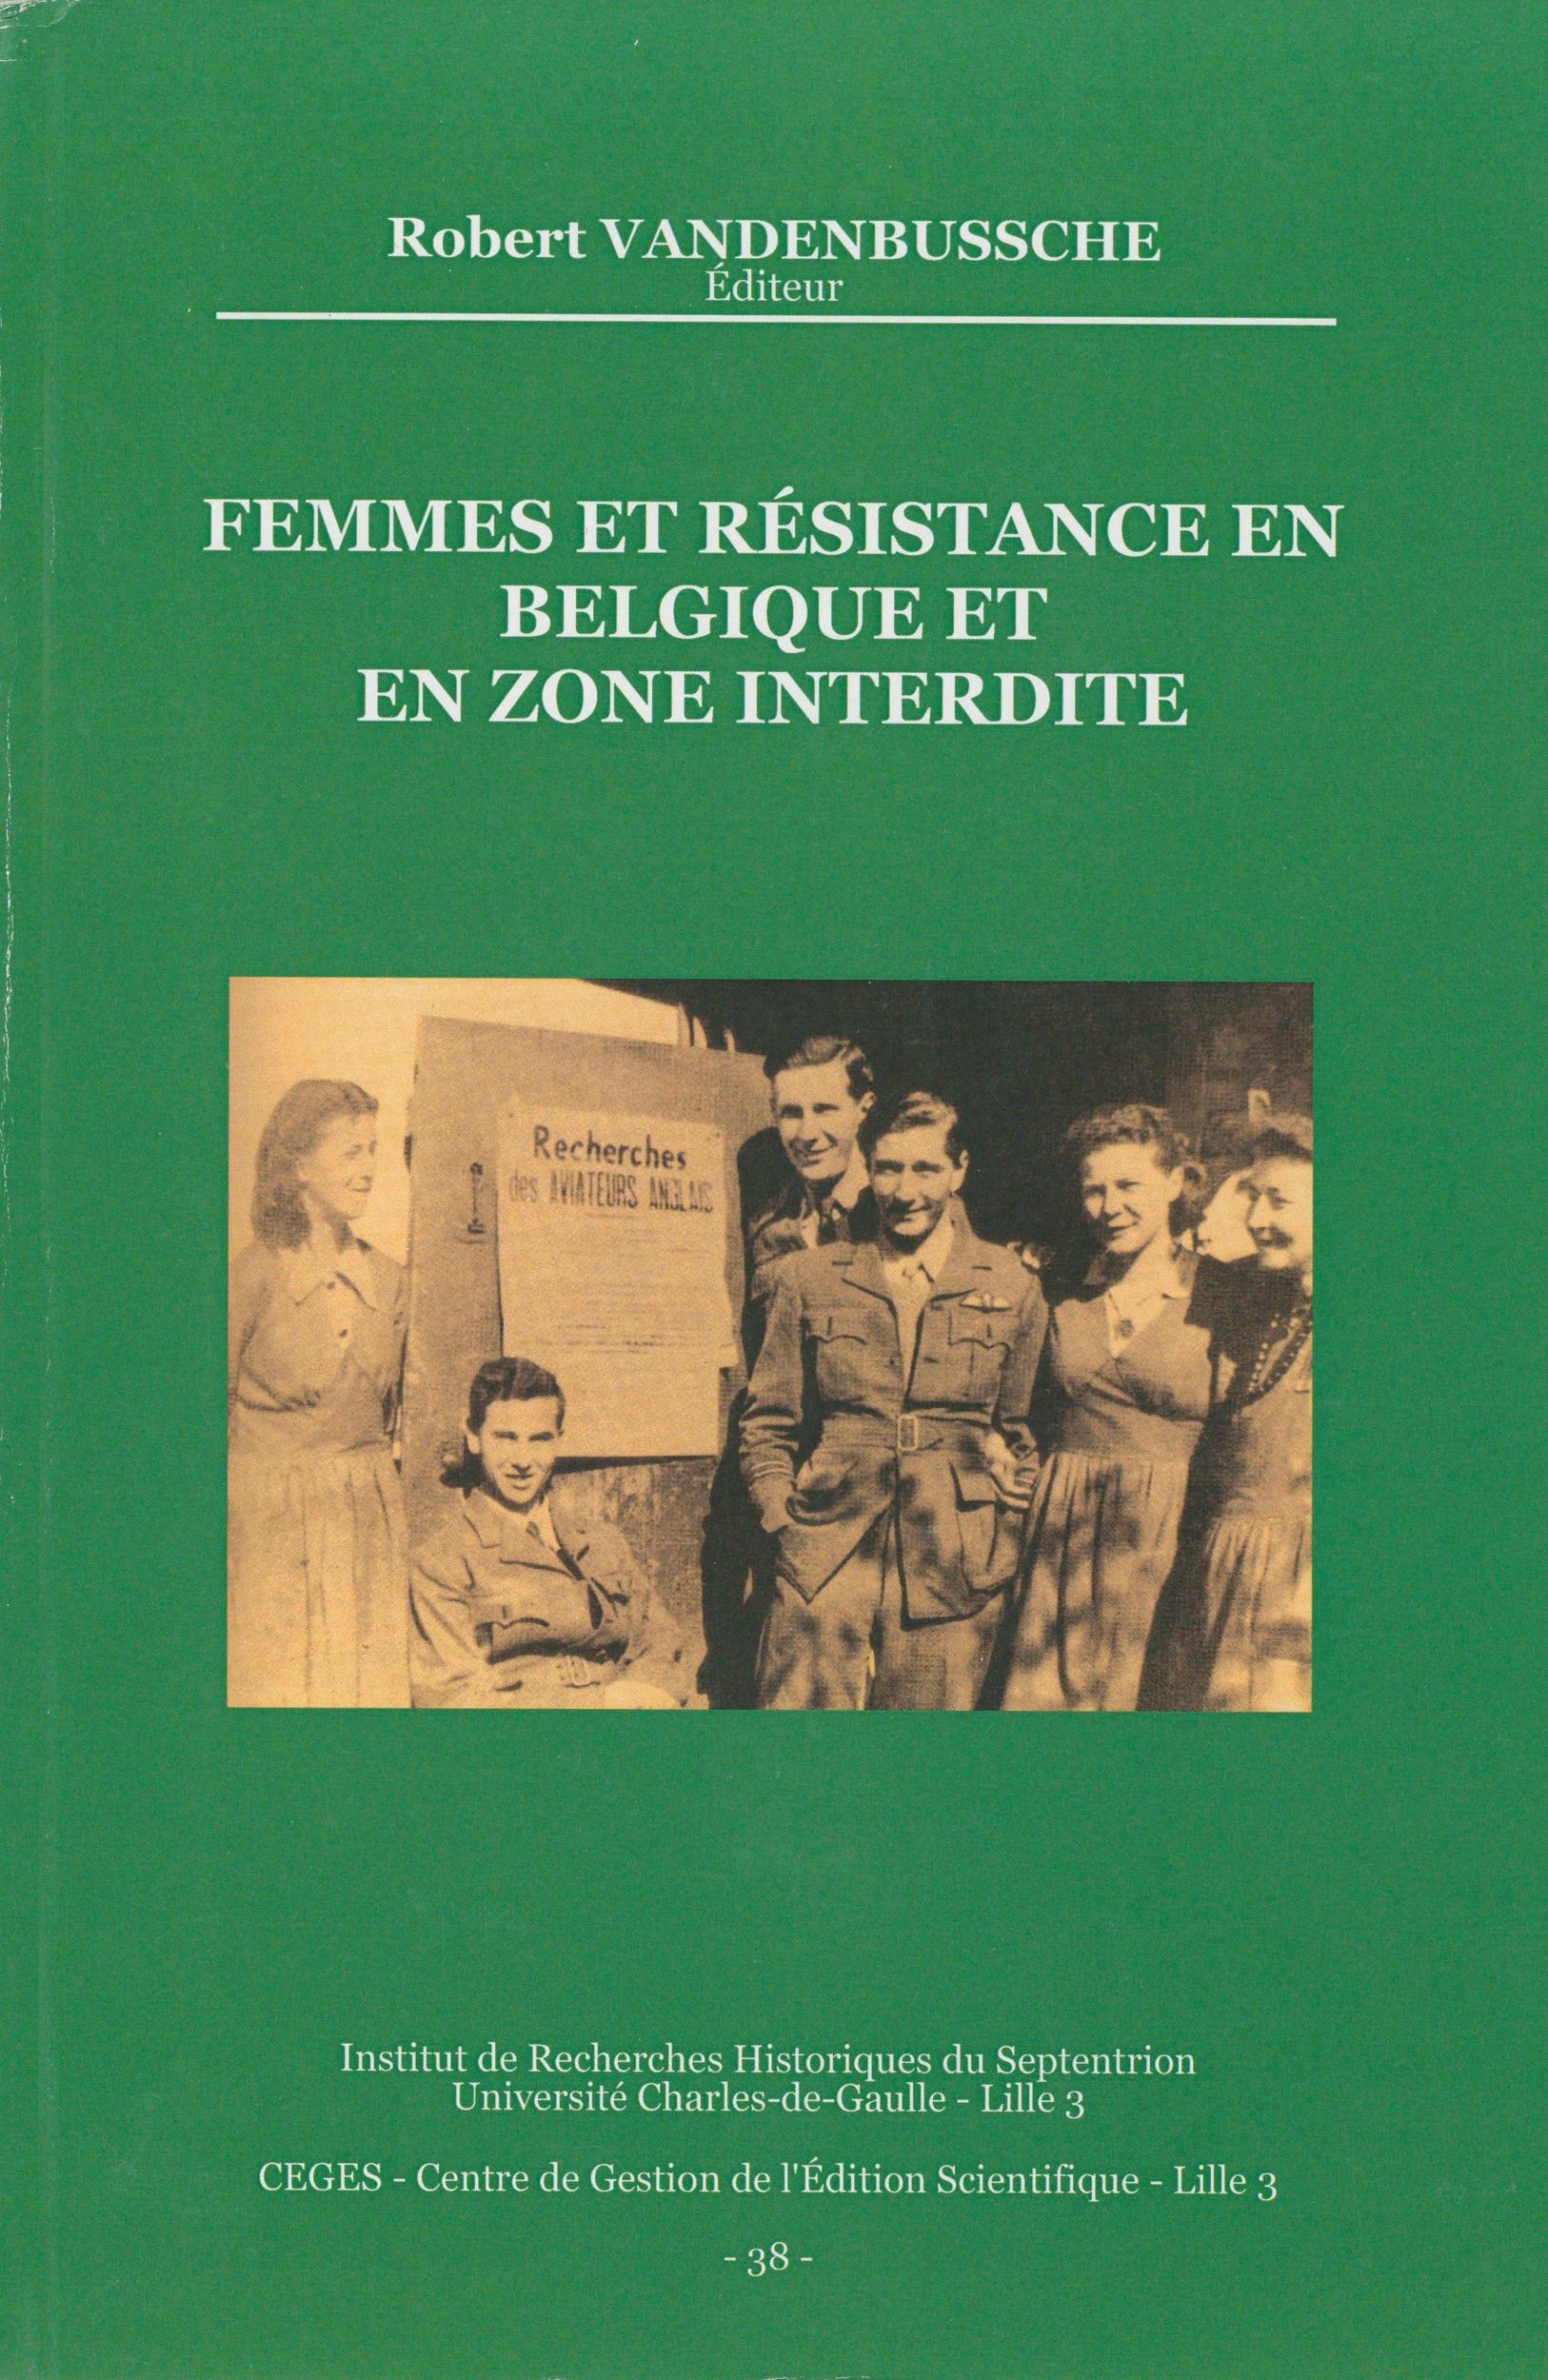 Femmes et Résistance en Belgique et en zone interdite